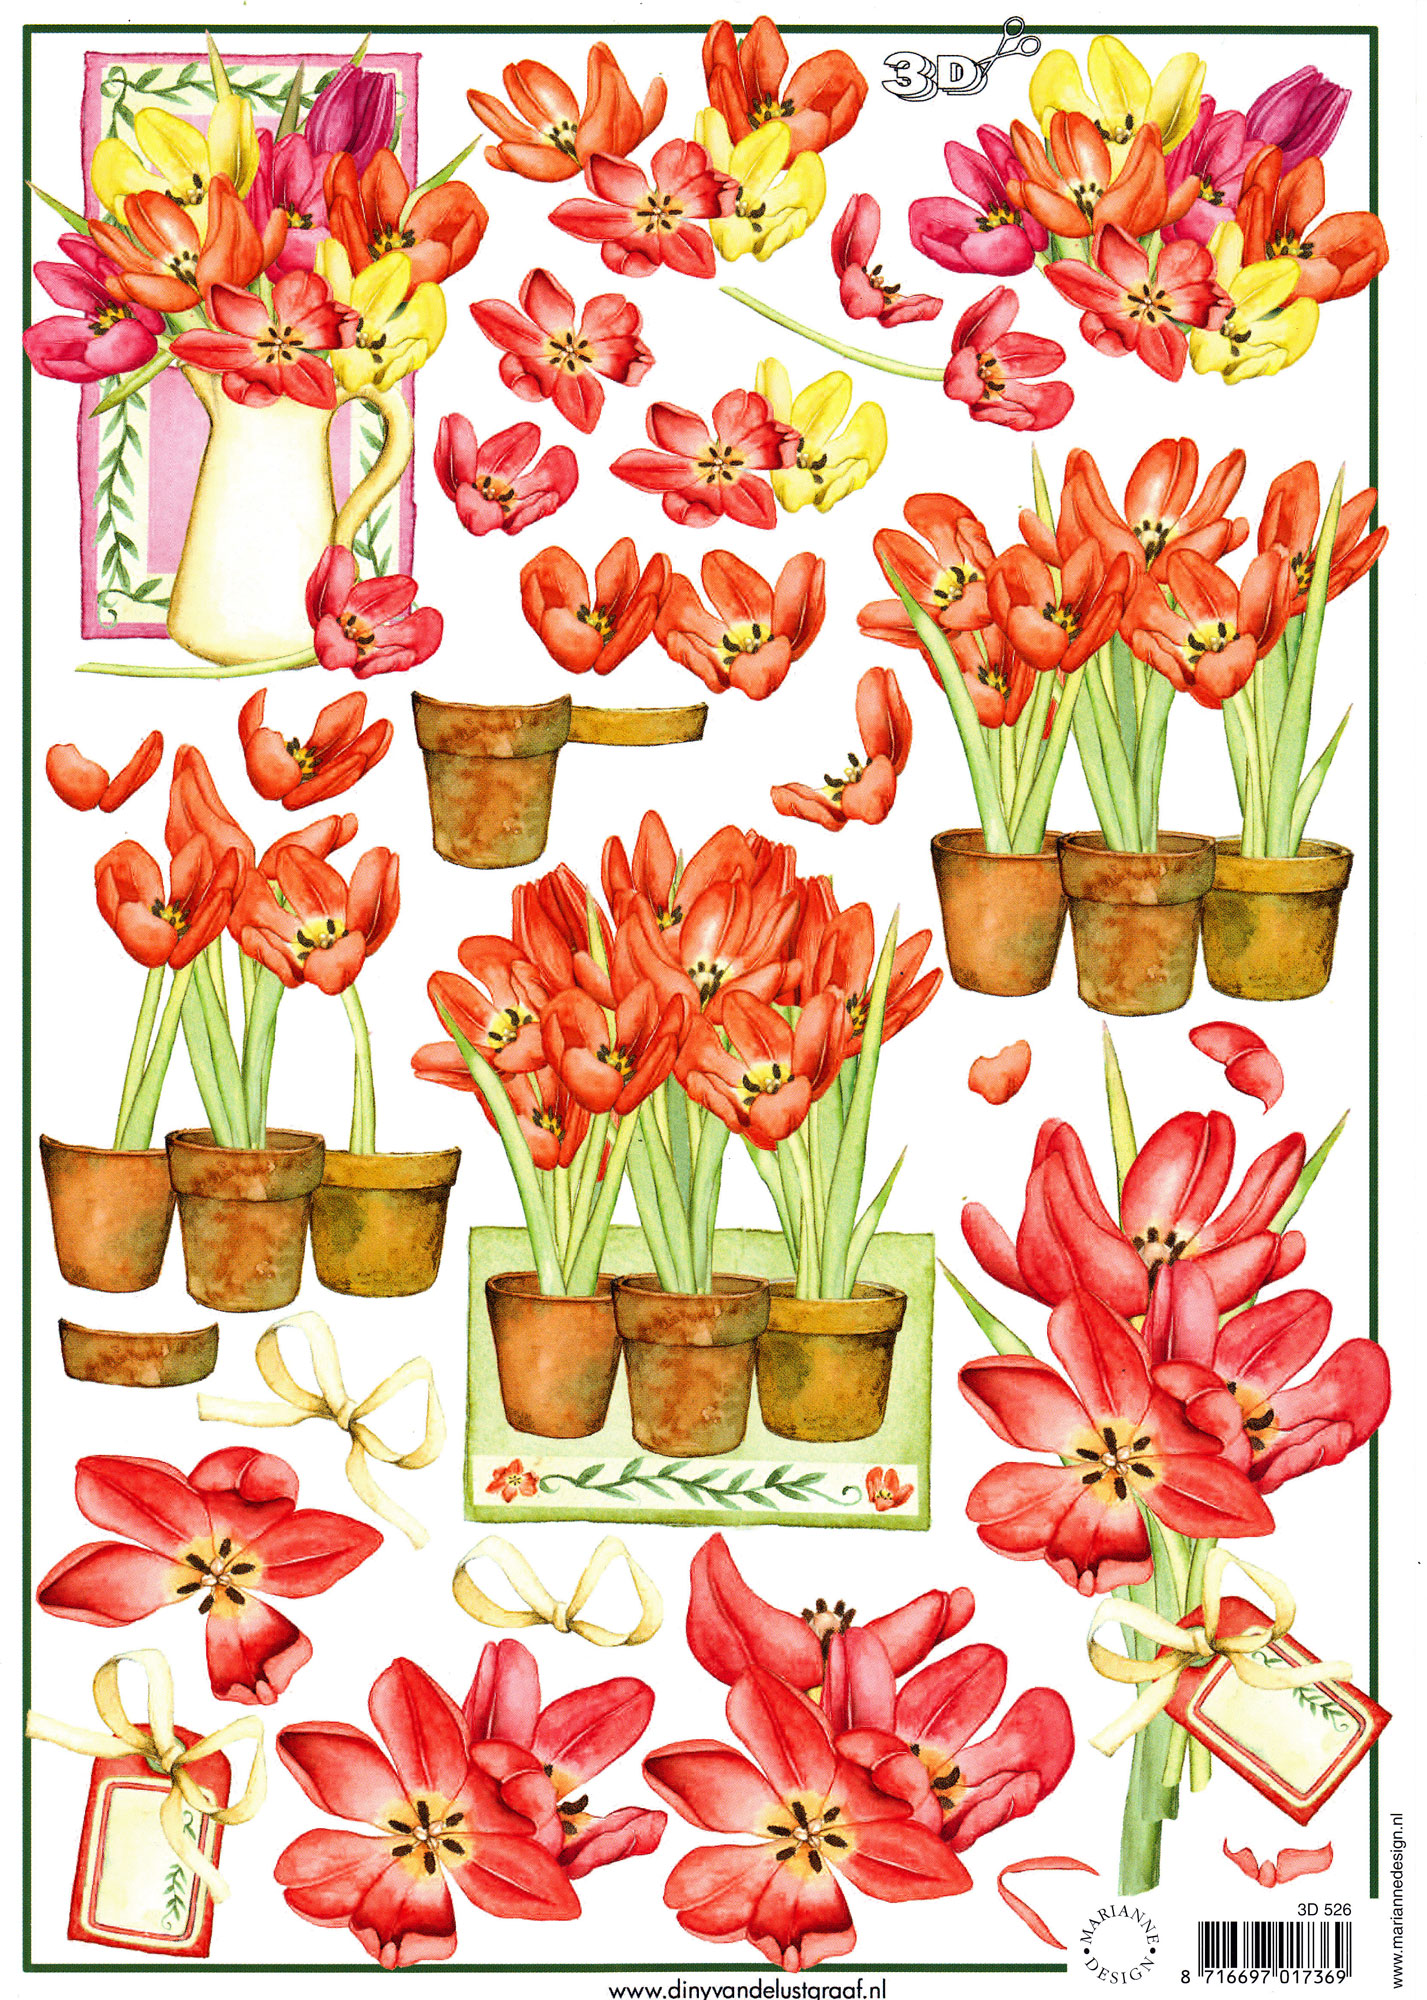 planche d\'images pour cartes 3D - A4 - Tulipes